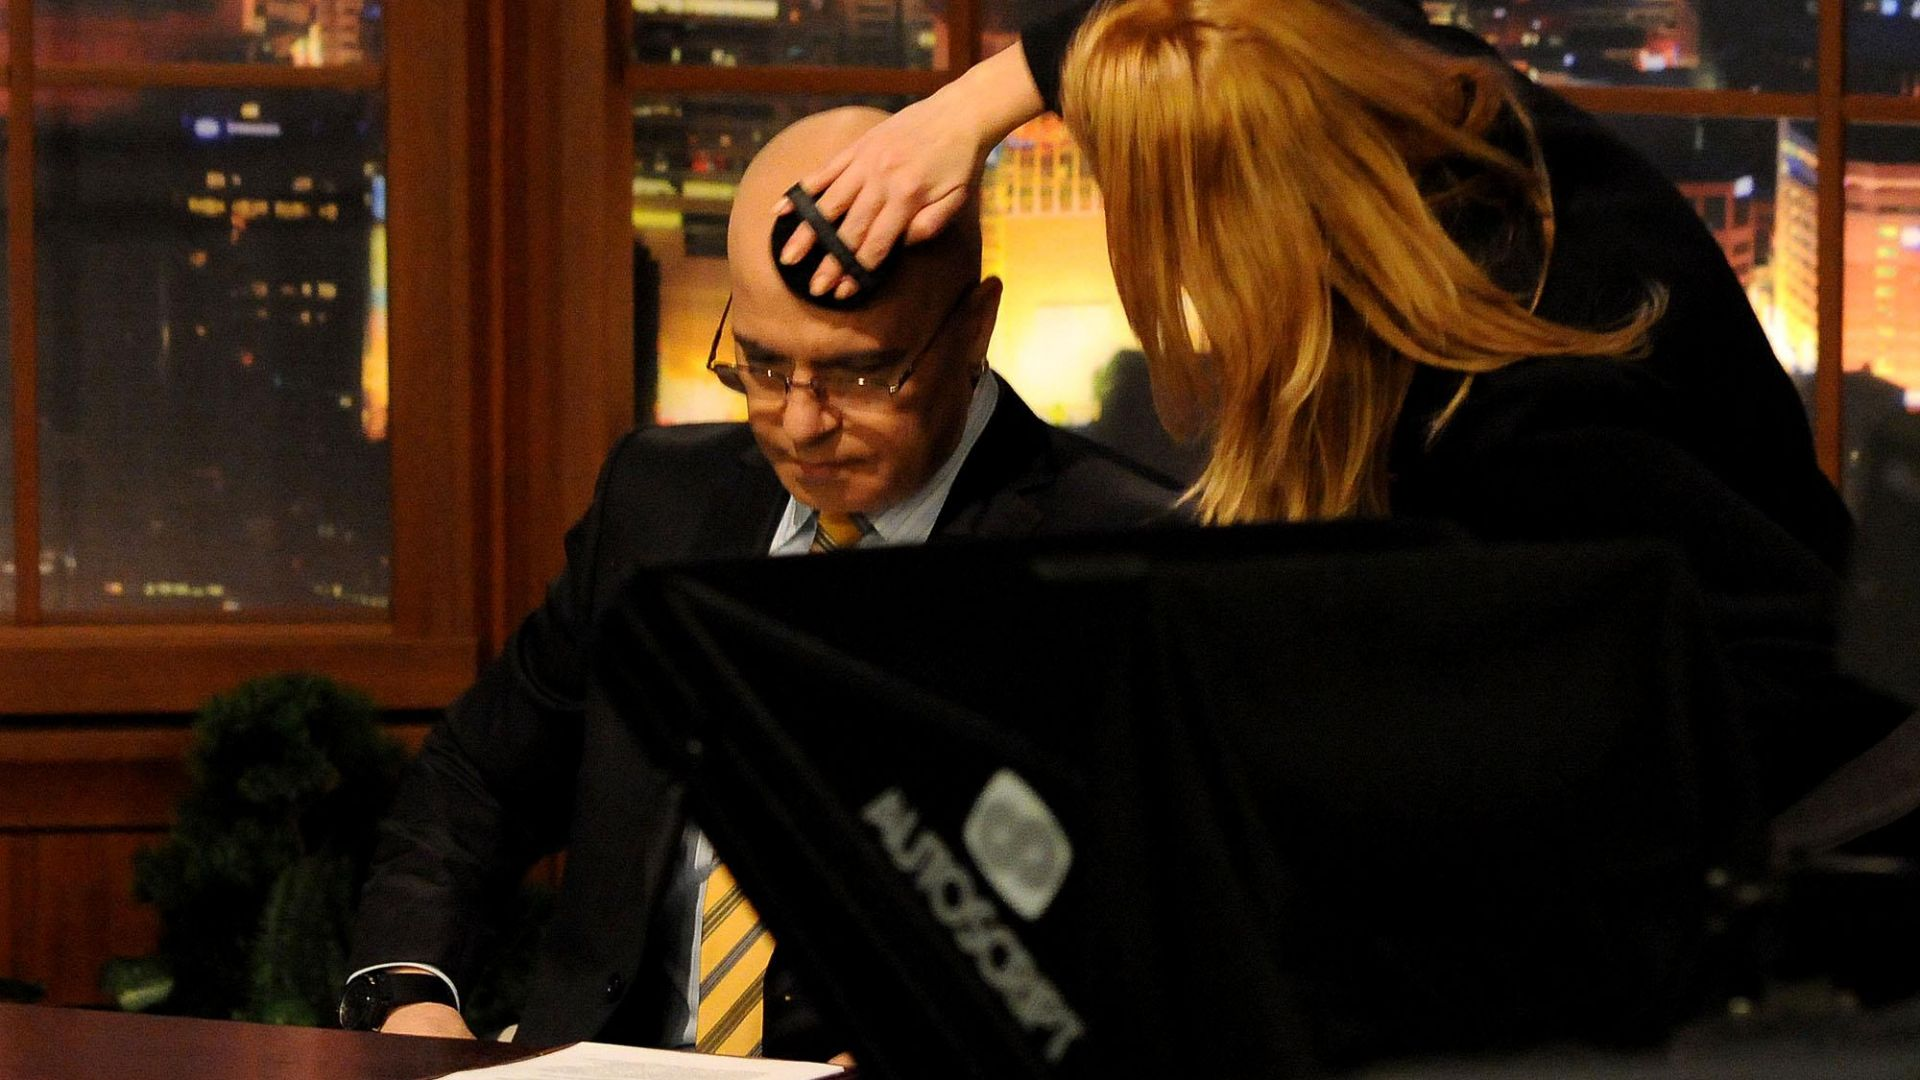 Нидал Алгафари: Слави отдавна играе на политическата сцена като рупор на различни идеи